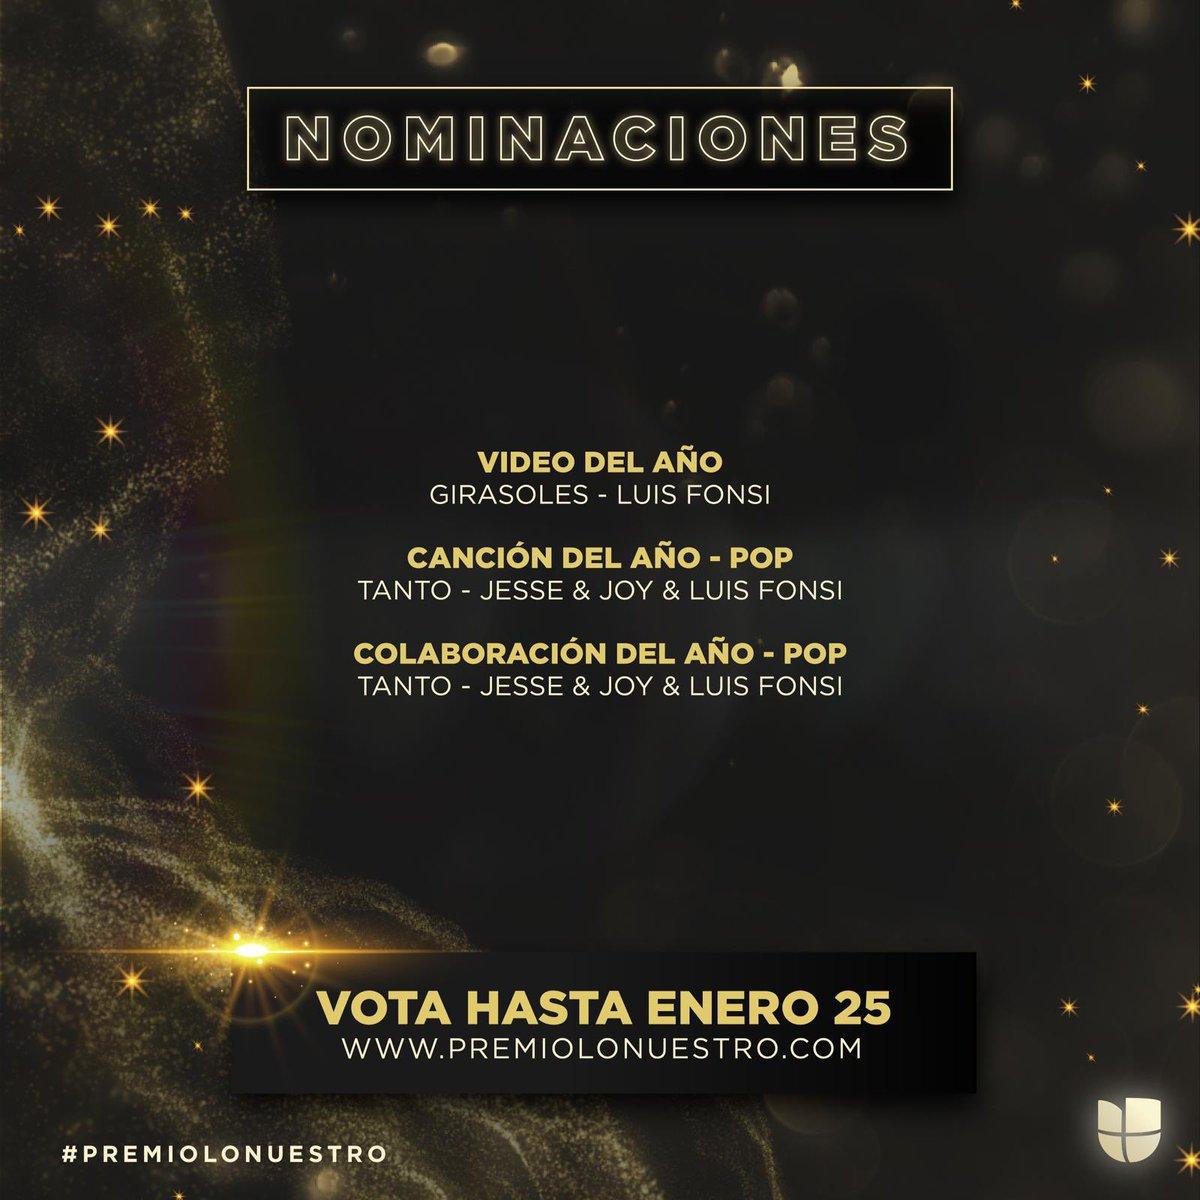 Honrado de recibir estas nominaciones tan importantes. Gracias @premiolonuestro y gracias a todos ustedes por siempre apoyar mi música. A votar se ha dicho 🙌🏽 #Girasoles #Tanto